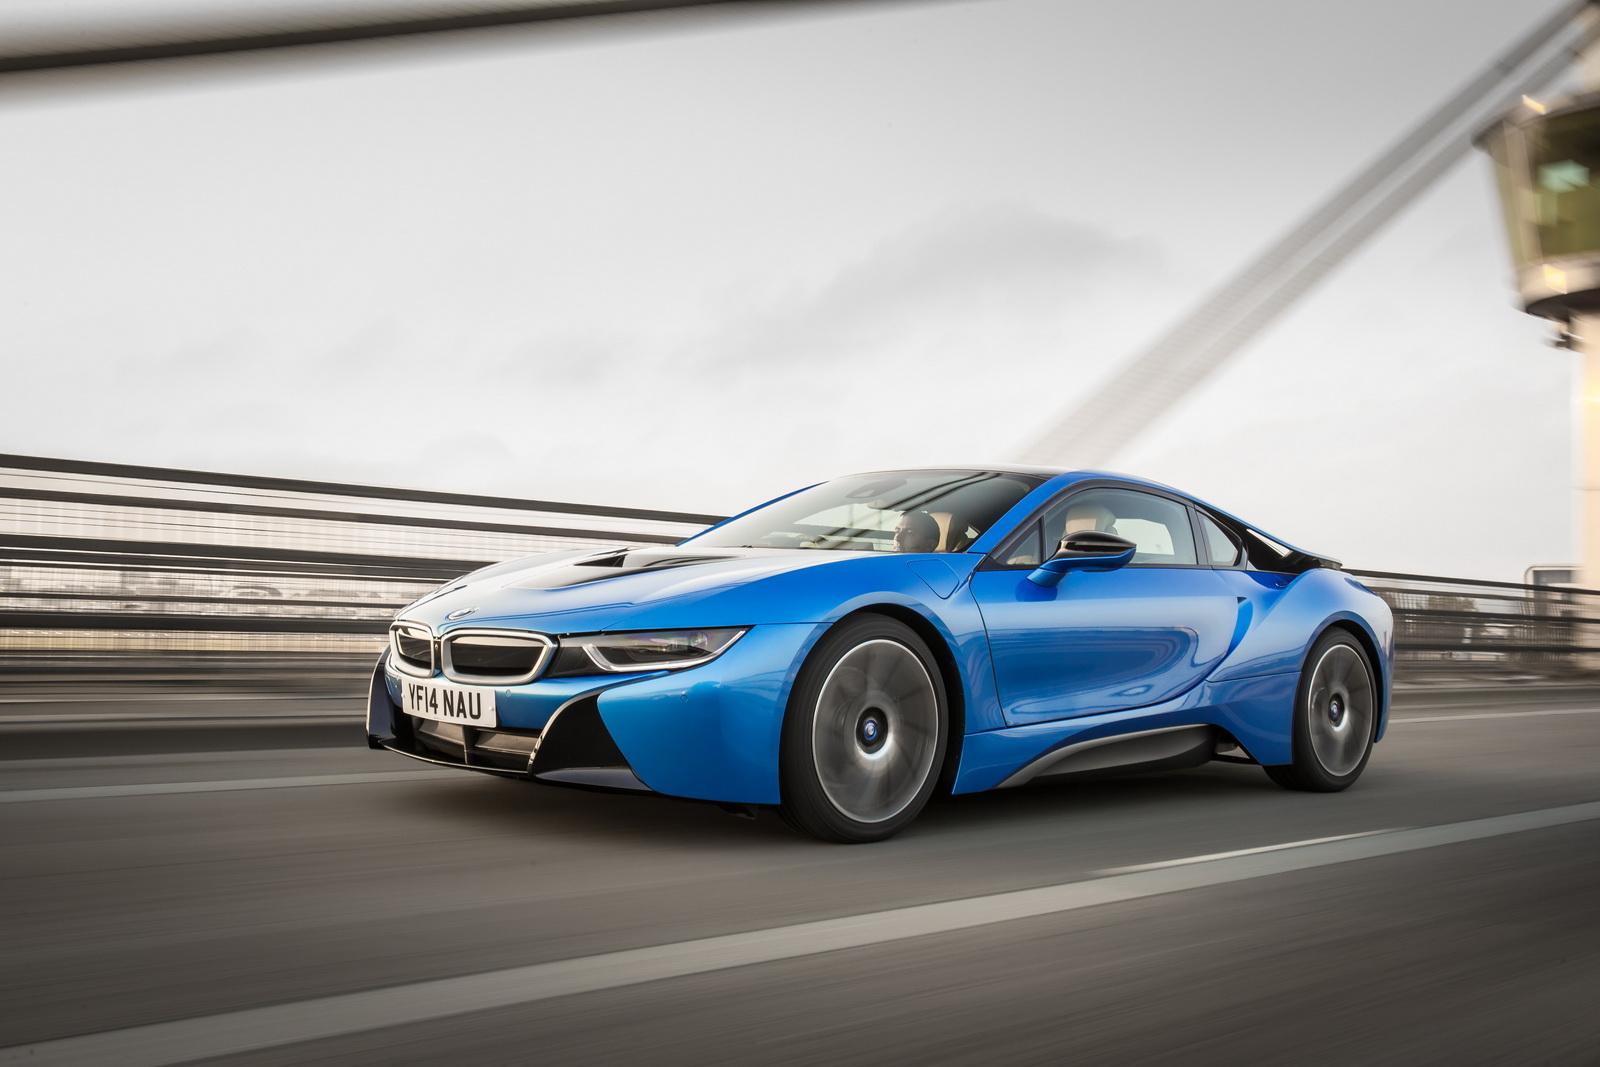 Vuelven los rumores: BMW estaría trabajando en un i8 más potente y radical 1